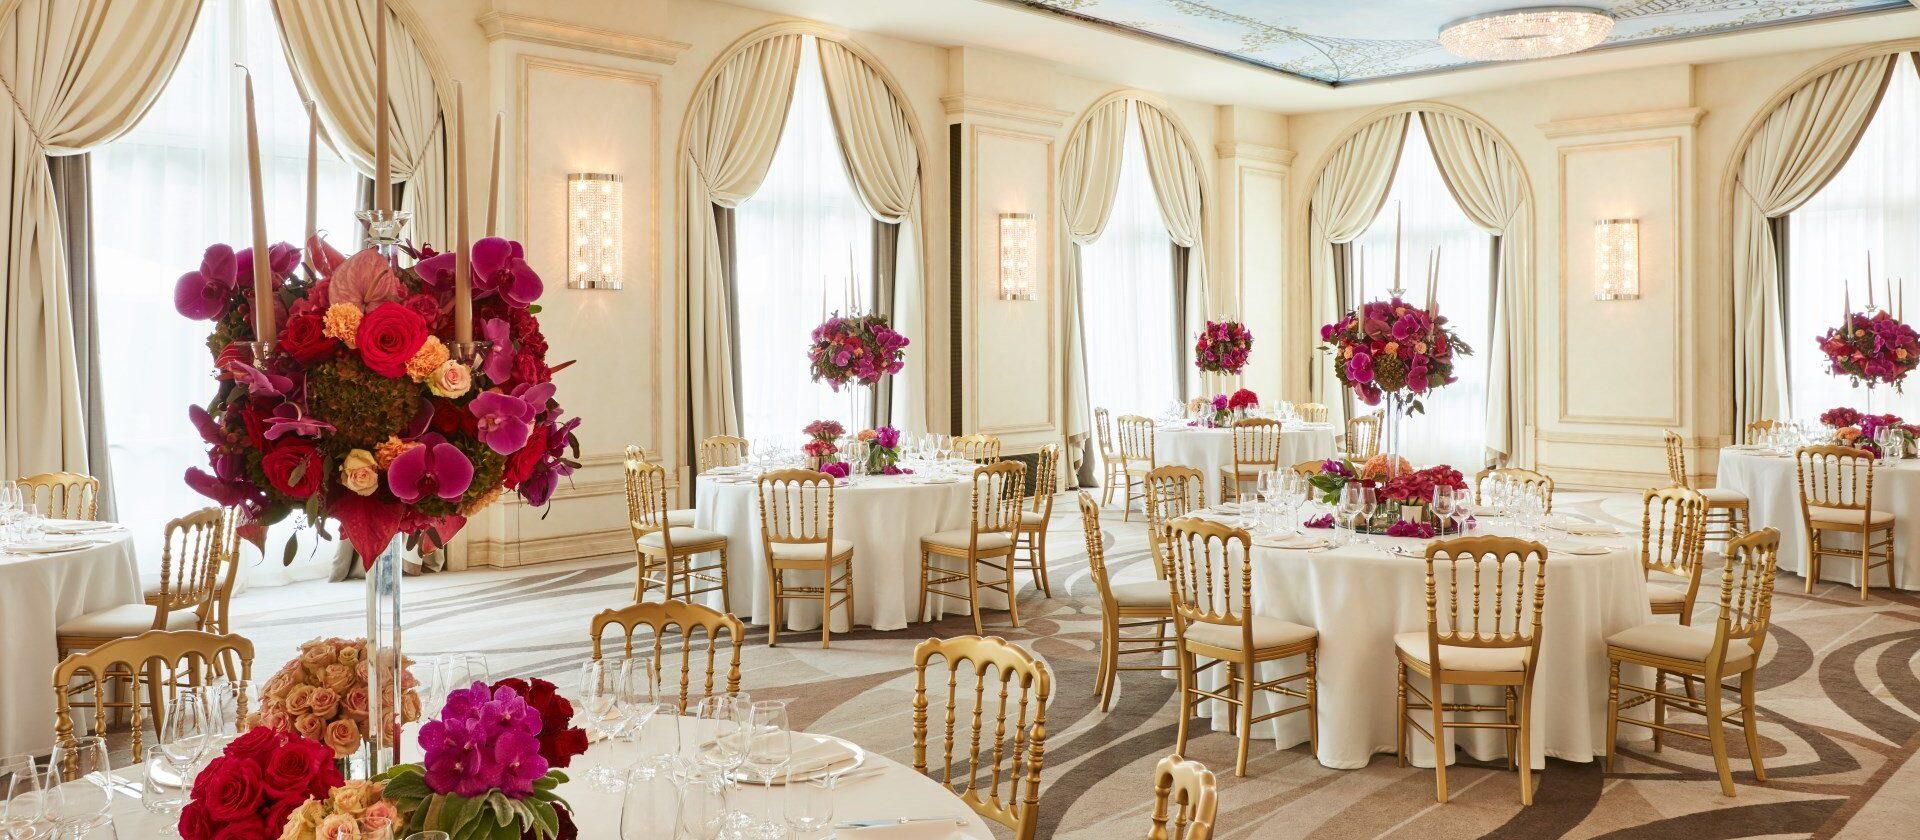 Hotel Principe di Savoia, Veranda event area